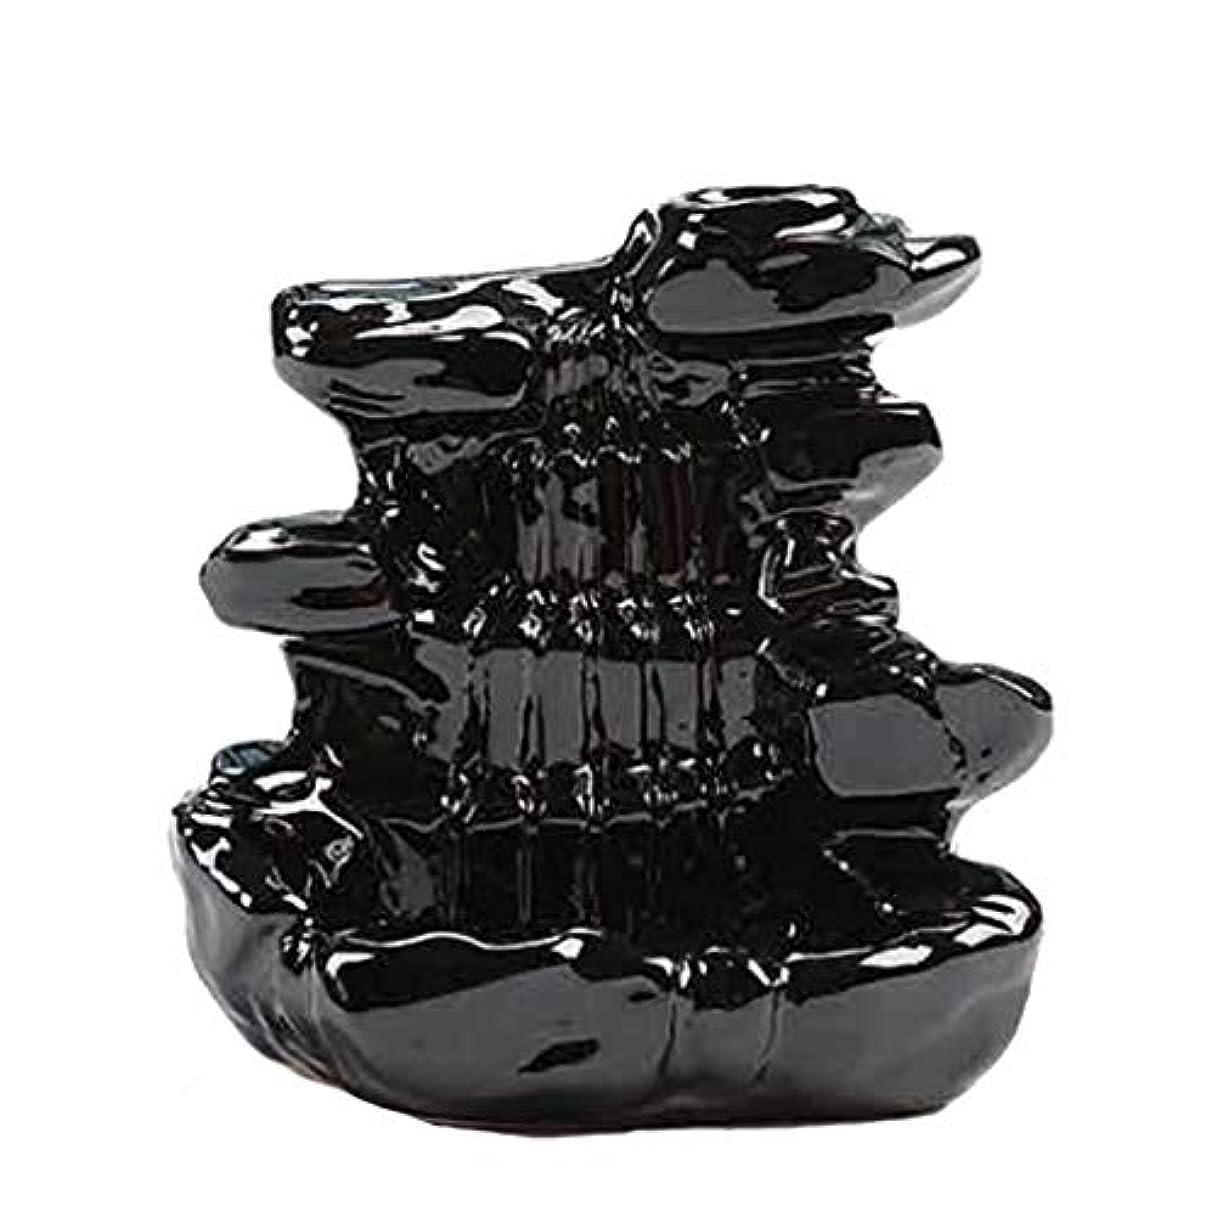 大人ひらめき性格芳香器?アロマバーナー 家の装飾逆流香バーナーセラミックコーン滝香ホルダー仏教香炉 アロマバーナー芳香器 (Color : B)